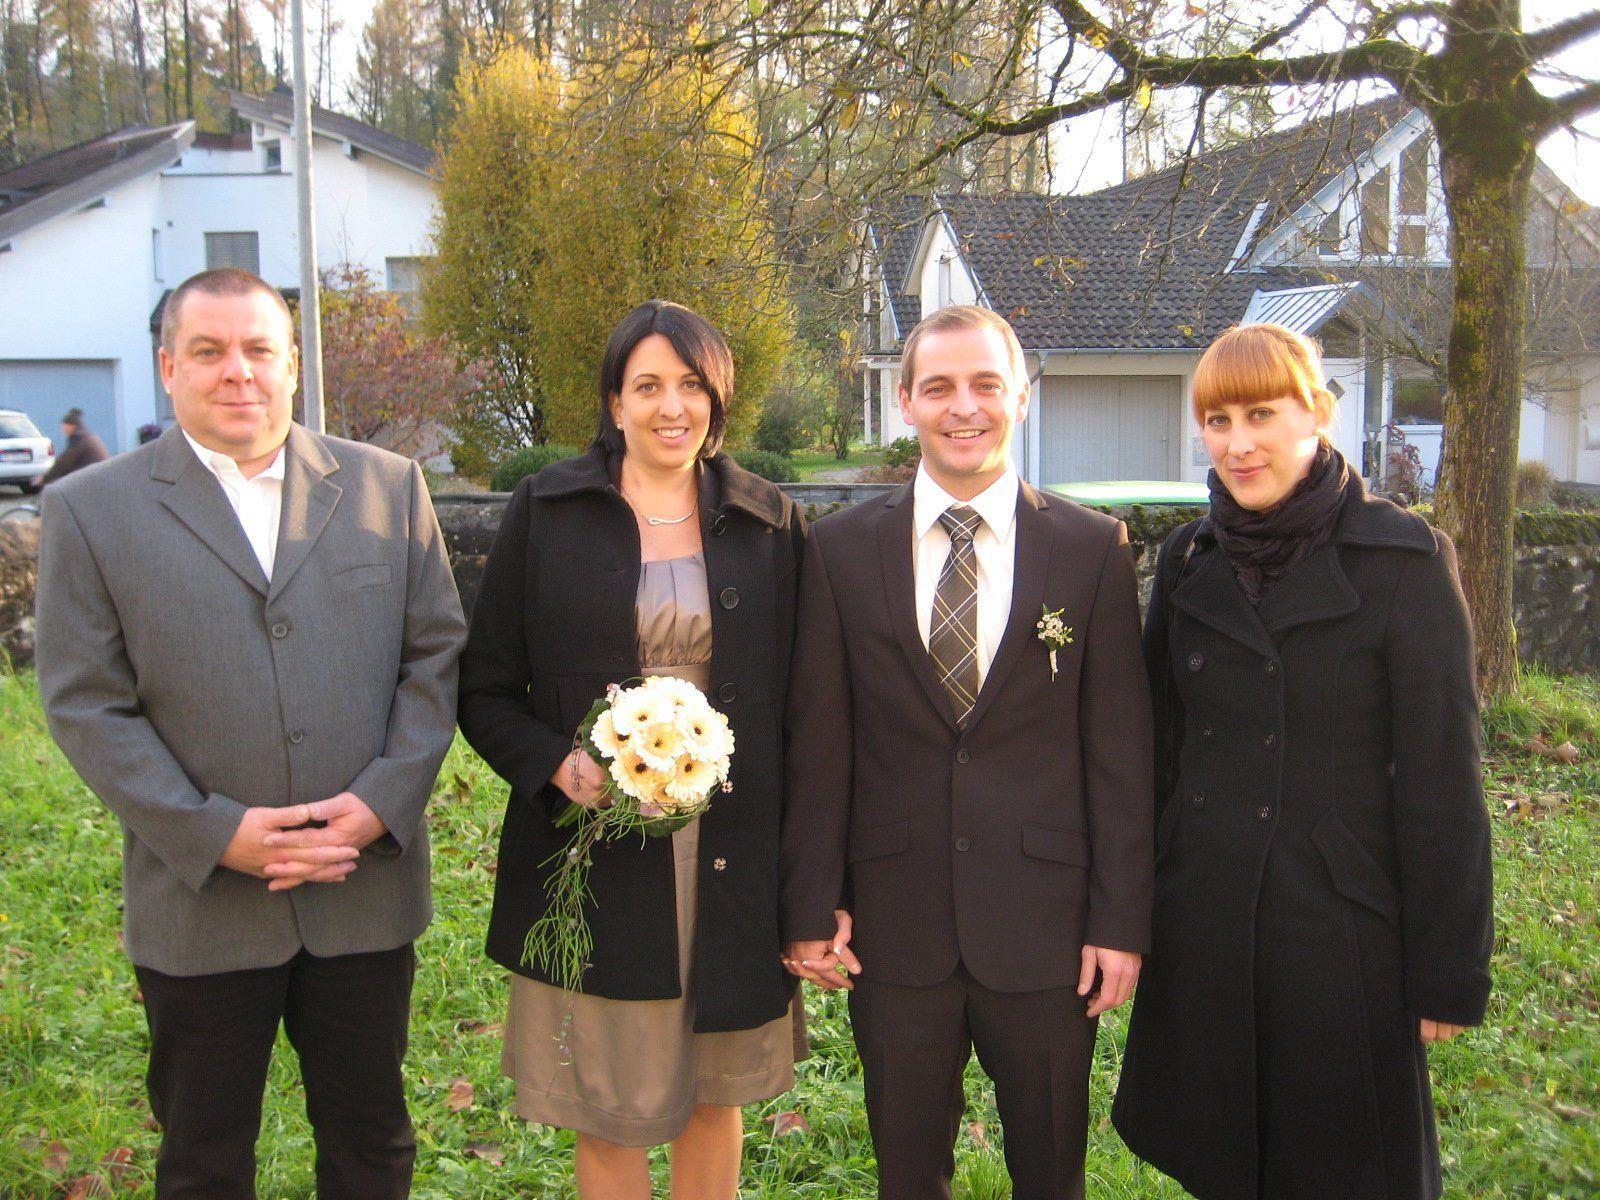 Kerstin Ganath und Mathias Kopf haben geheiratet.